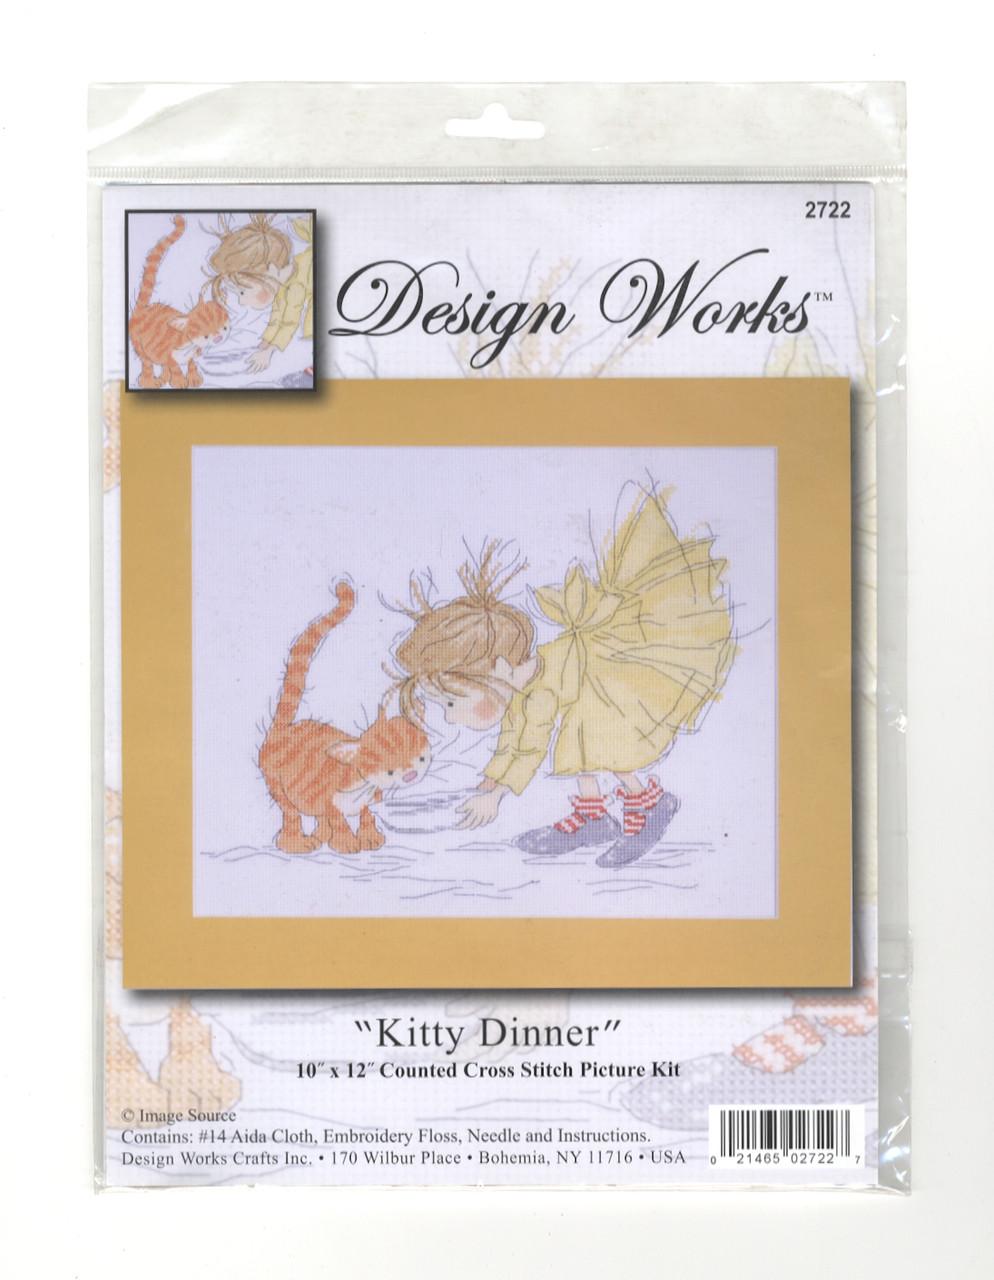 Design Works - Kitty Dinner